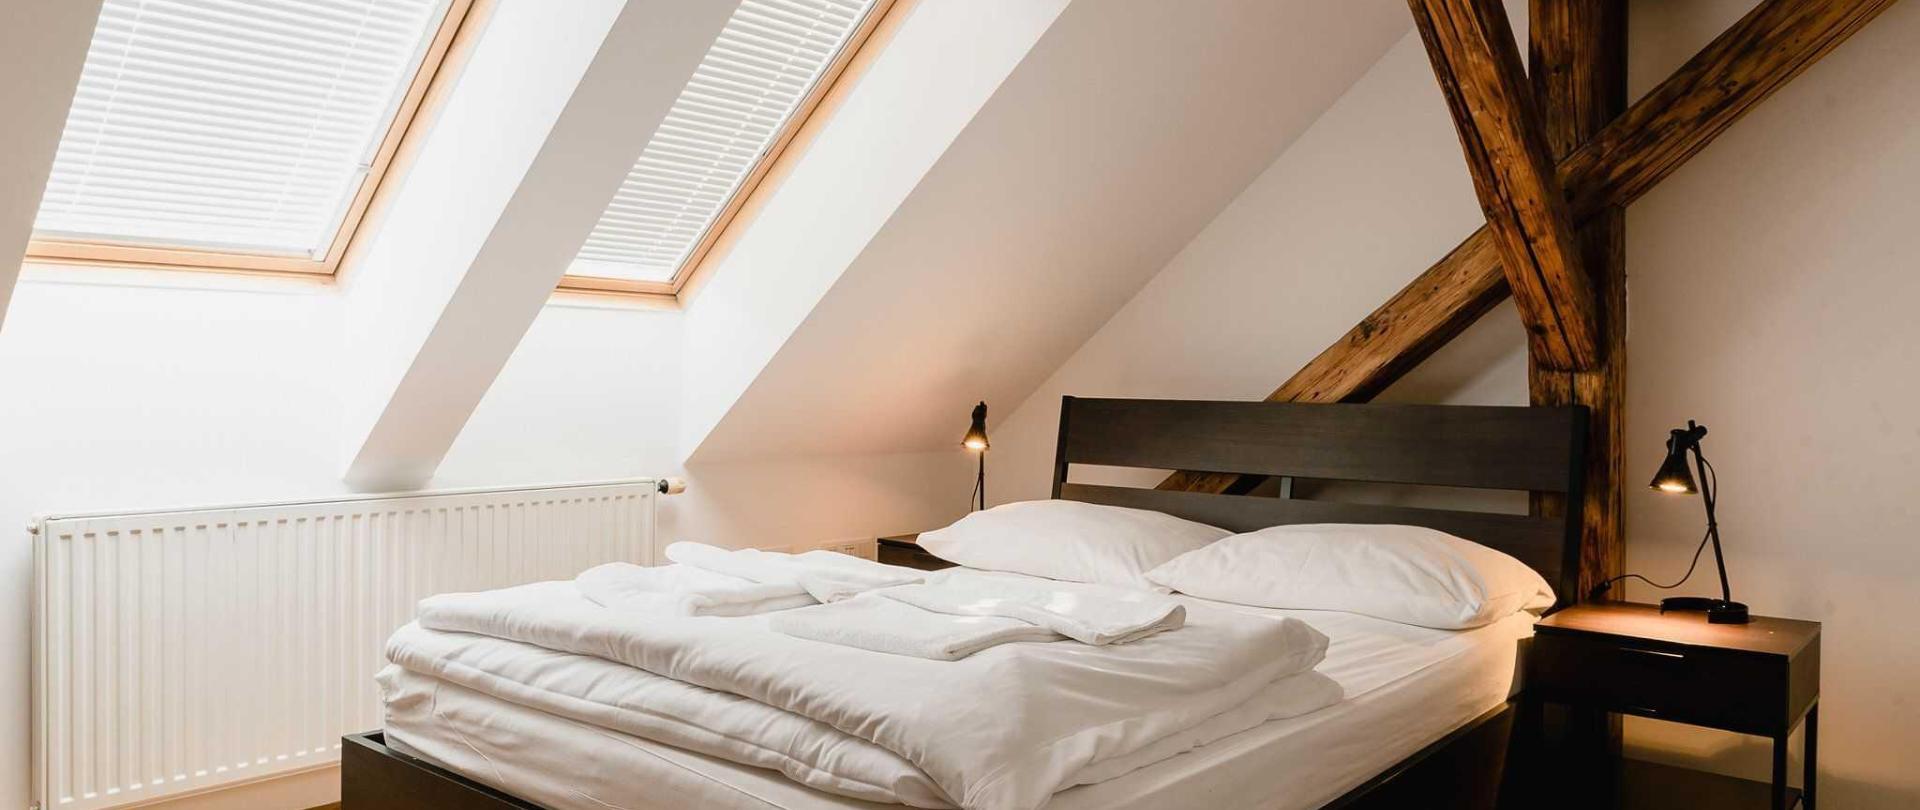 atticus-0144.jpg